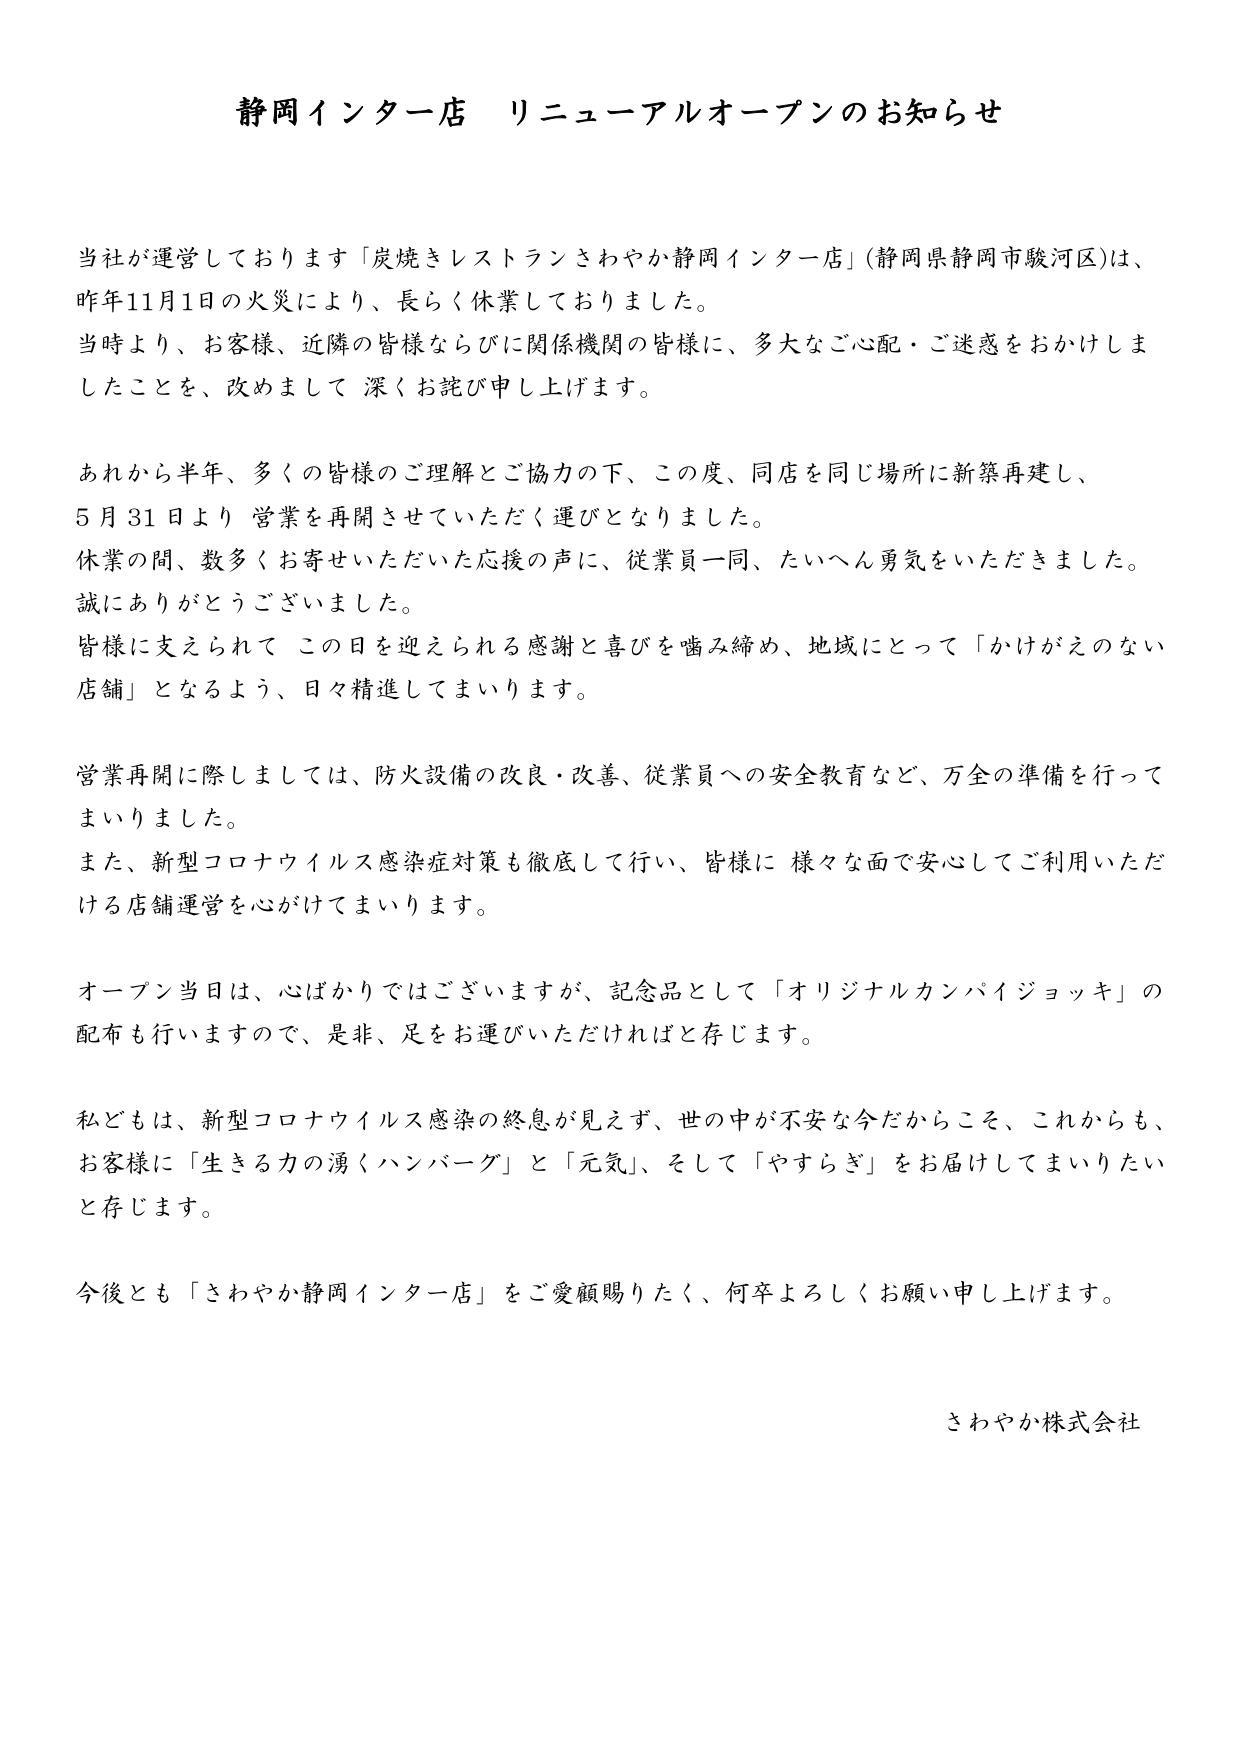 静岡インター店 リニューアルオープンのお知らせ.jpg